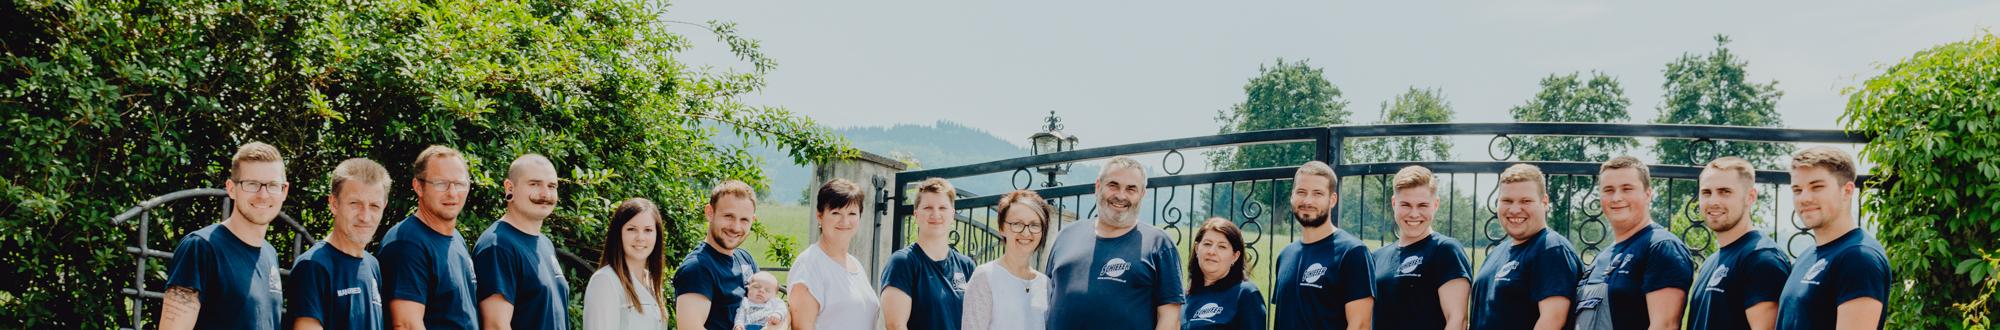 Schiefer-Team-